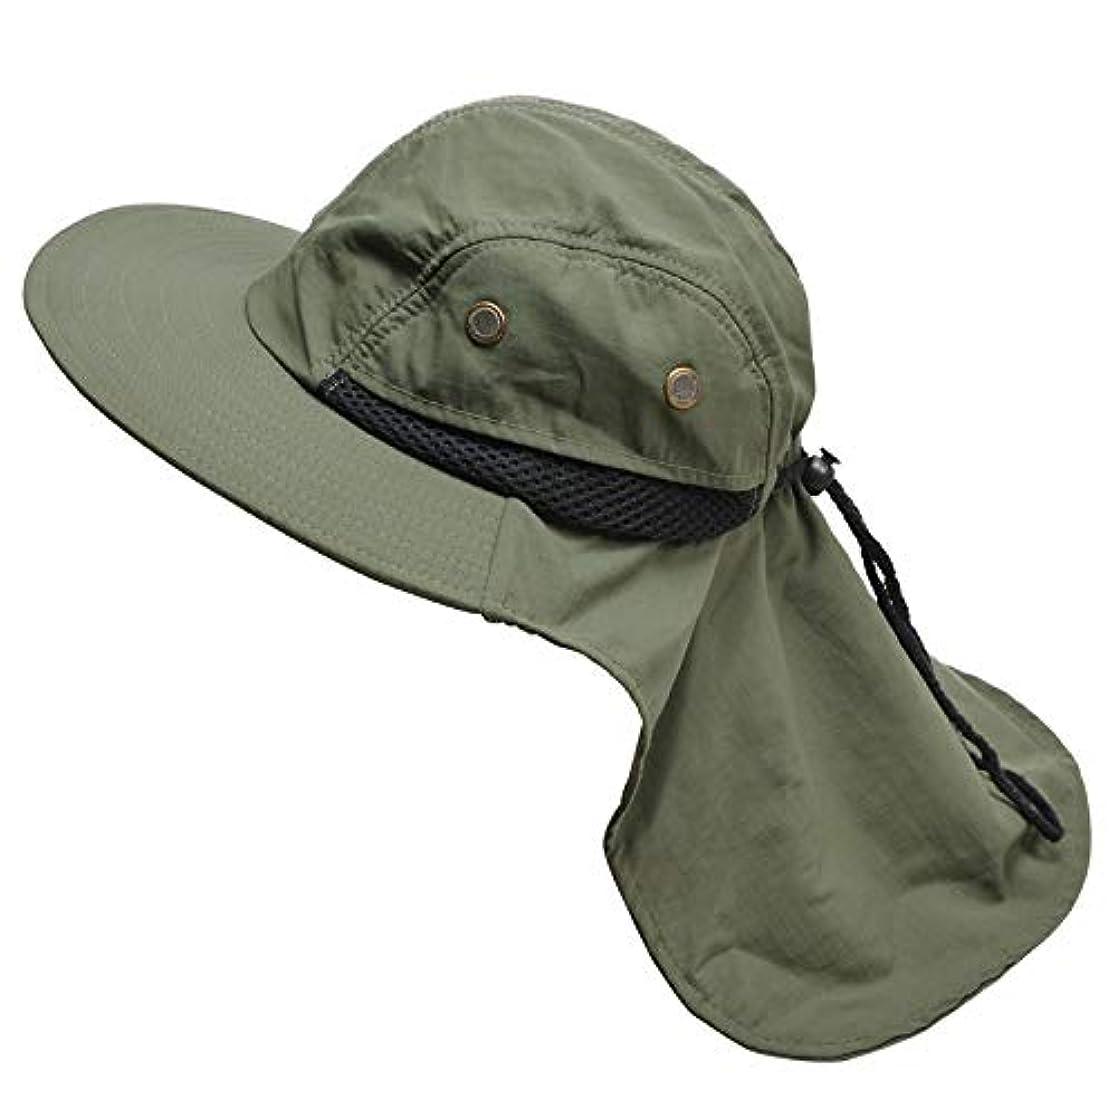 出費ランデブー刃サンキャップフラップ帽子ソーラープロテクション、ネックフラップ屋外 UV 保護大規模な広いつばハイキング釣りメッシュ 帽子